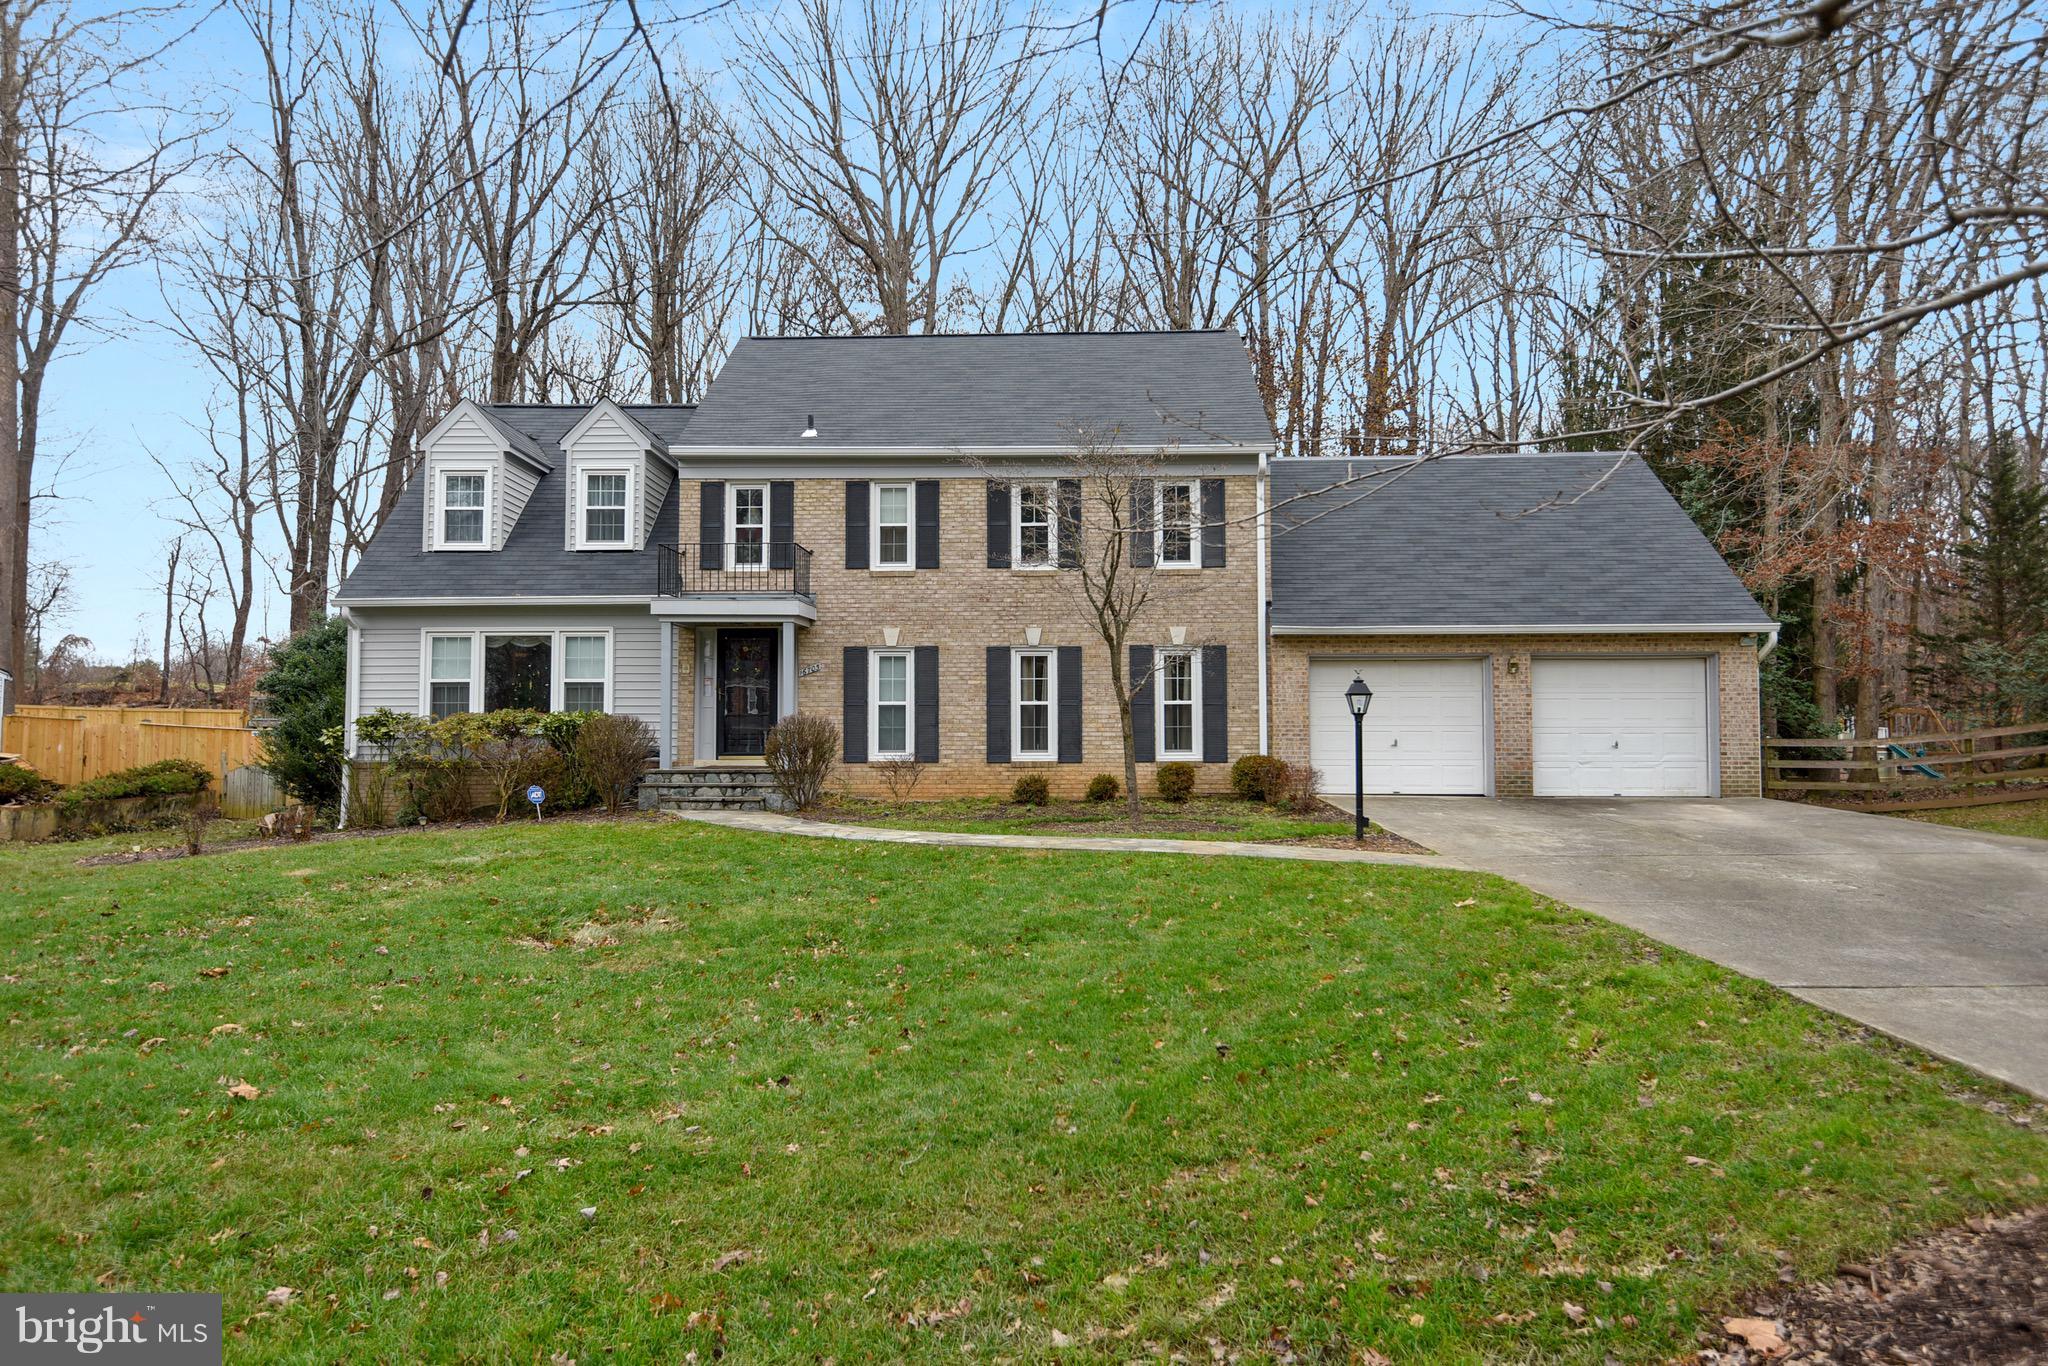 16705 George Washington Dr, Rockville, MD, 20853